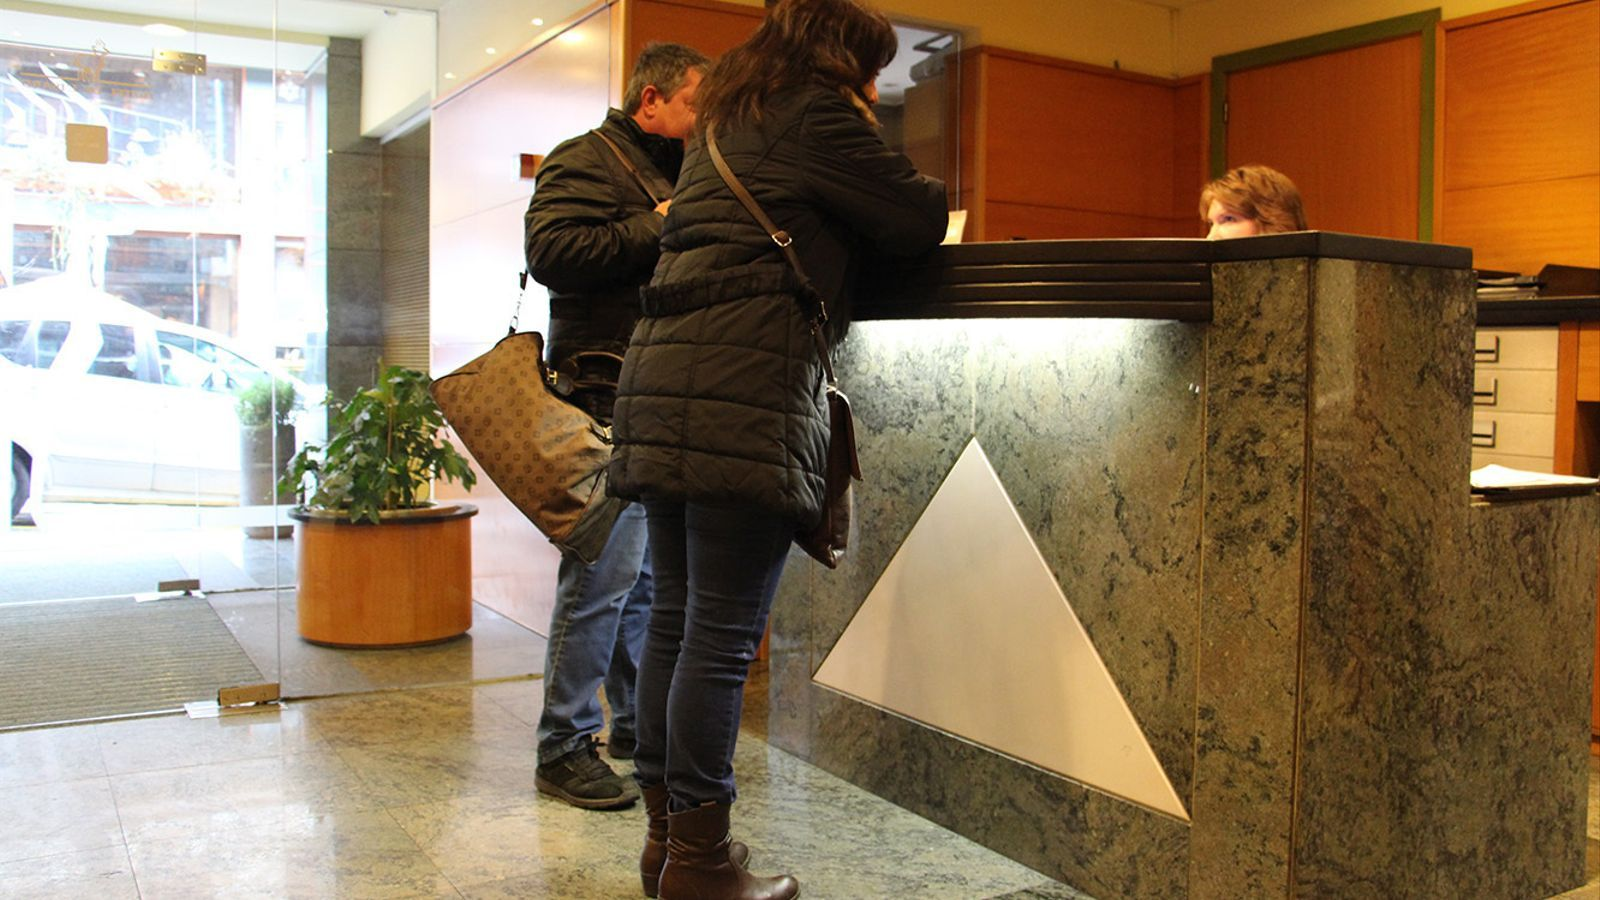 Turistes a la recepció d'un hotel. / ANA